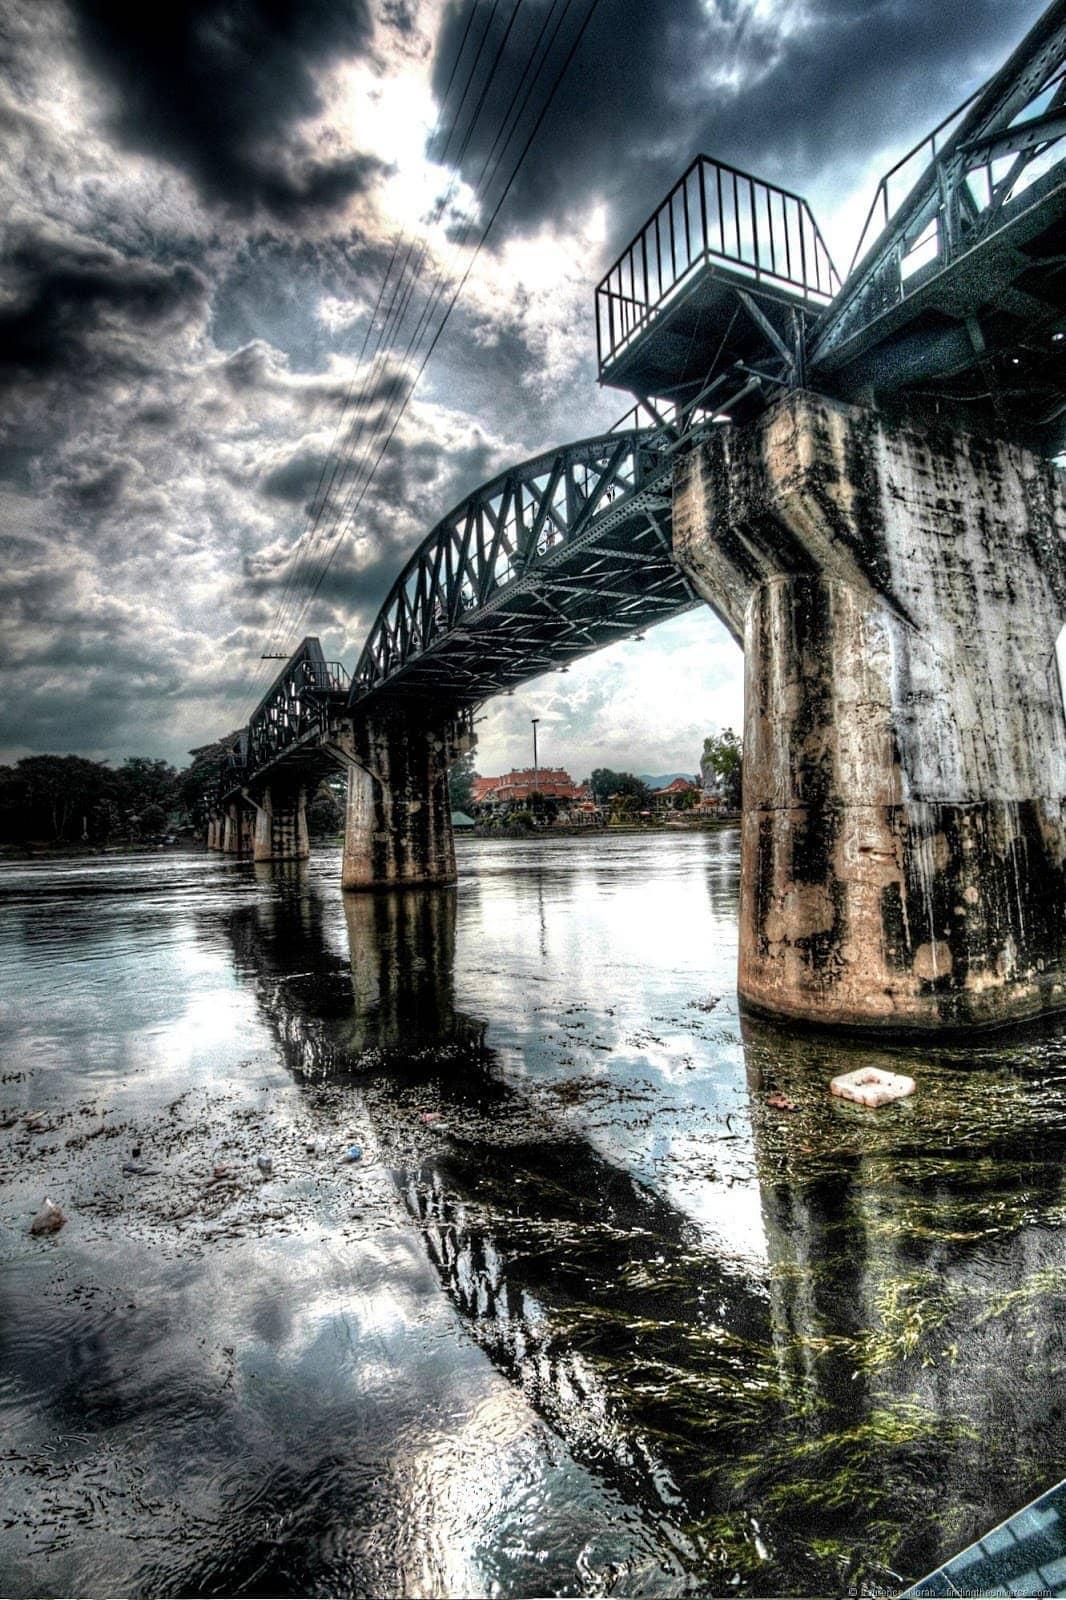 Bridge over River Kwai HDR 1